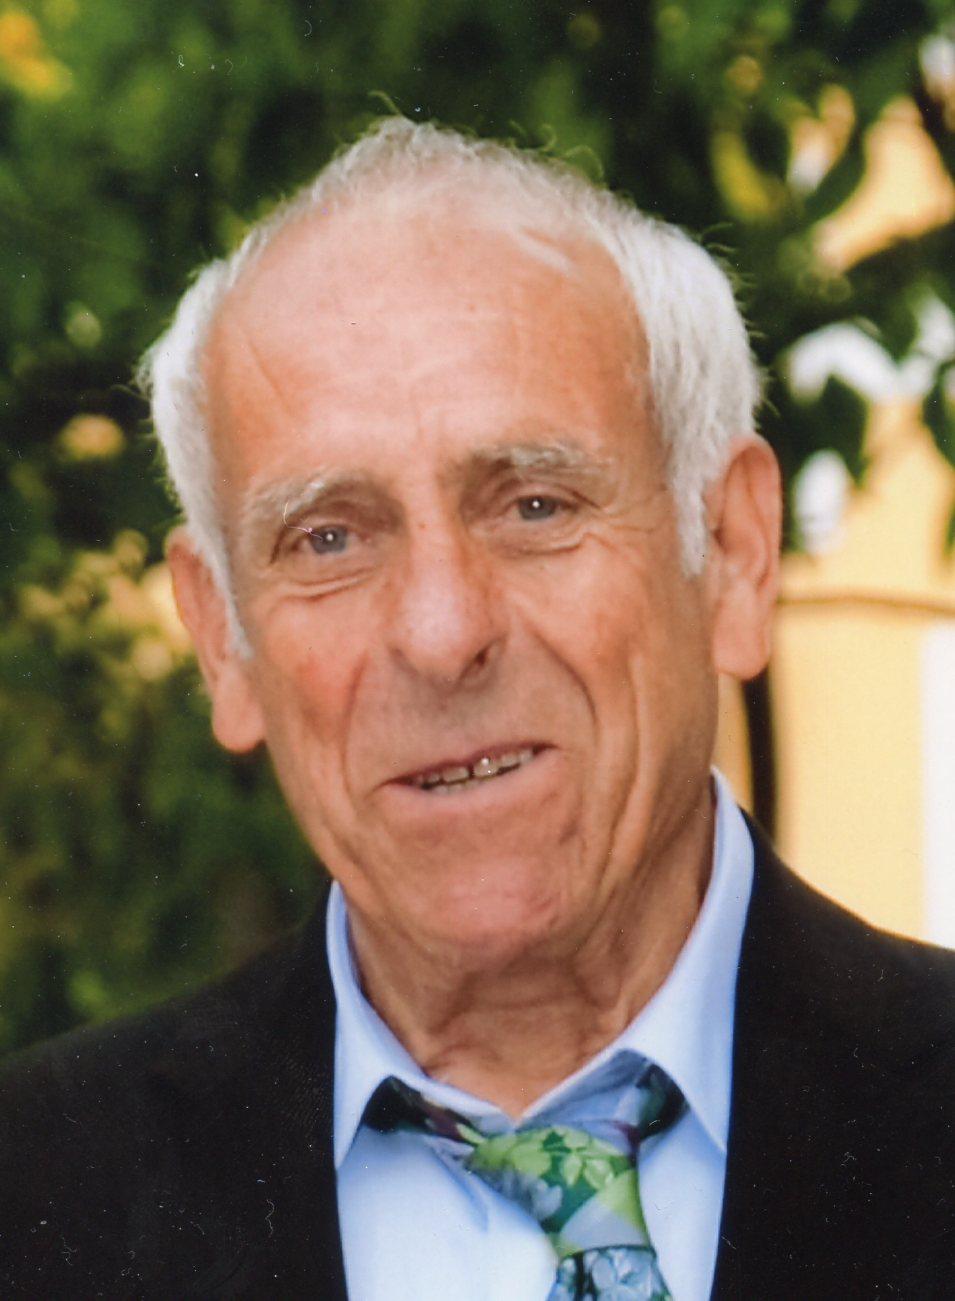 Stefan Wagnest